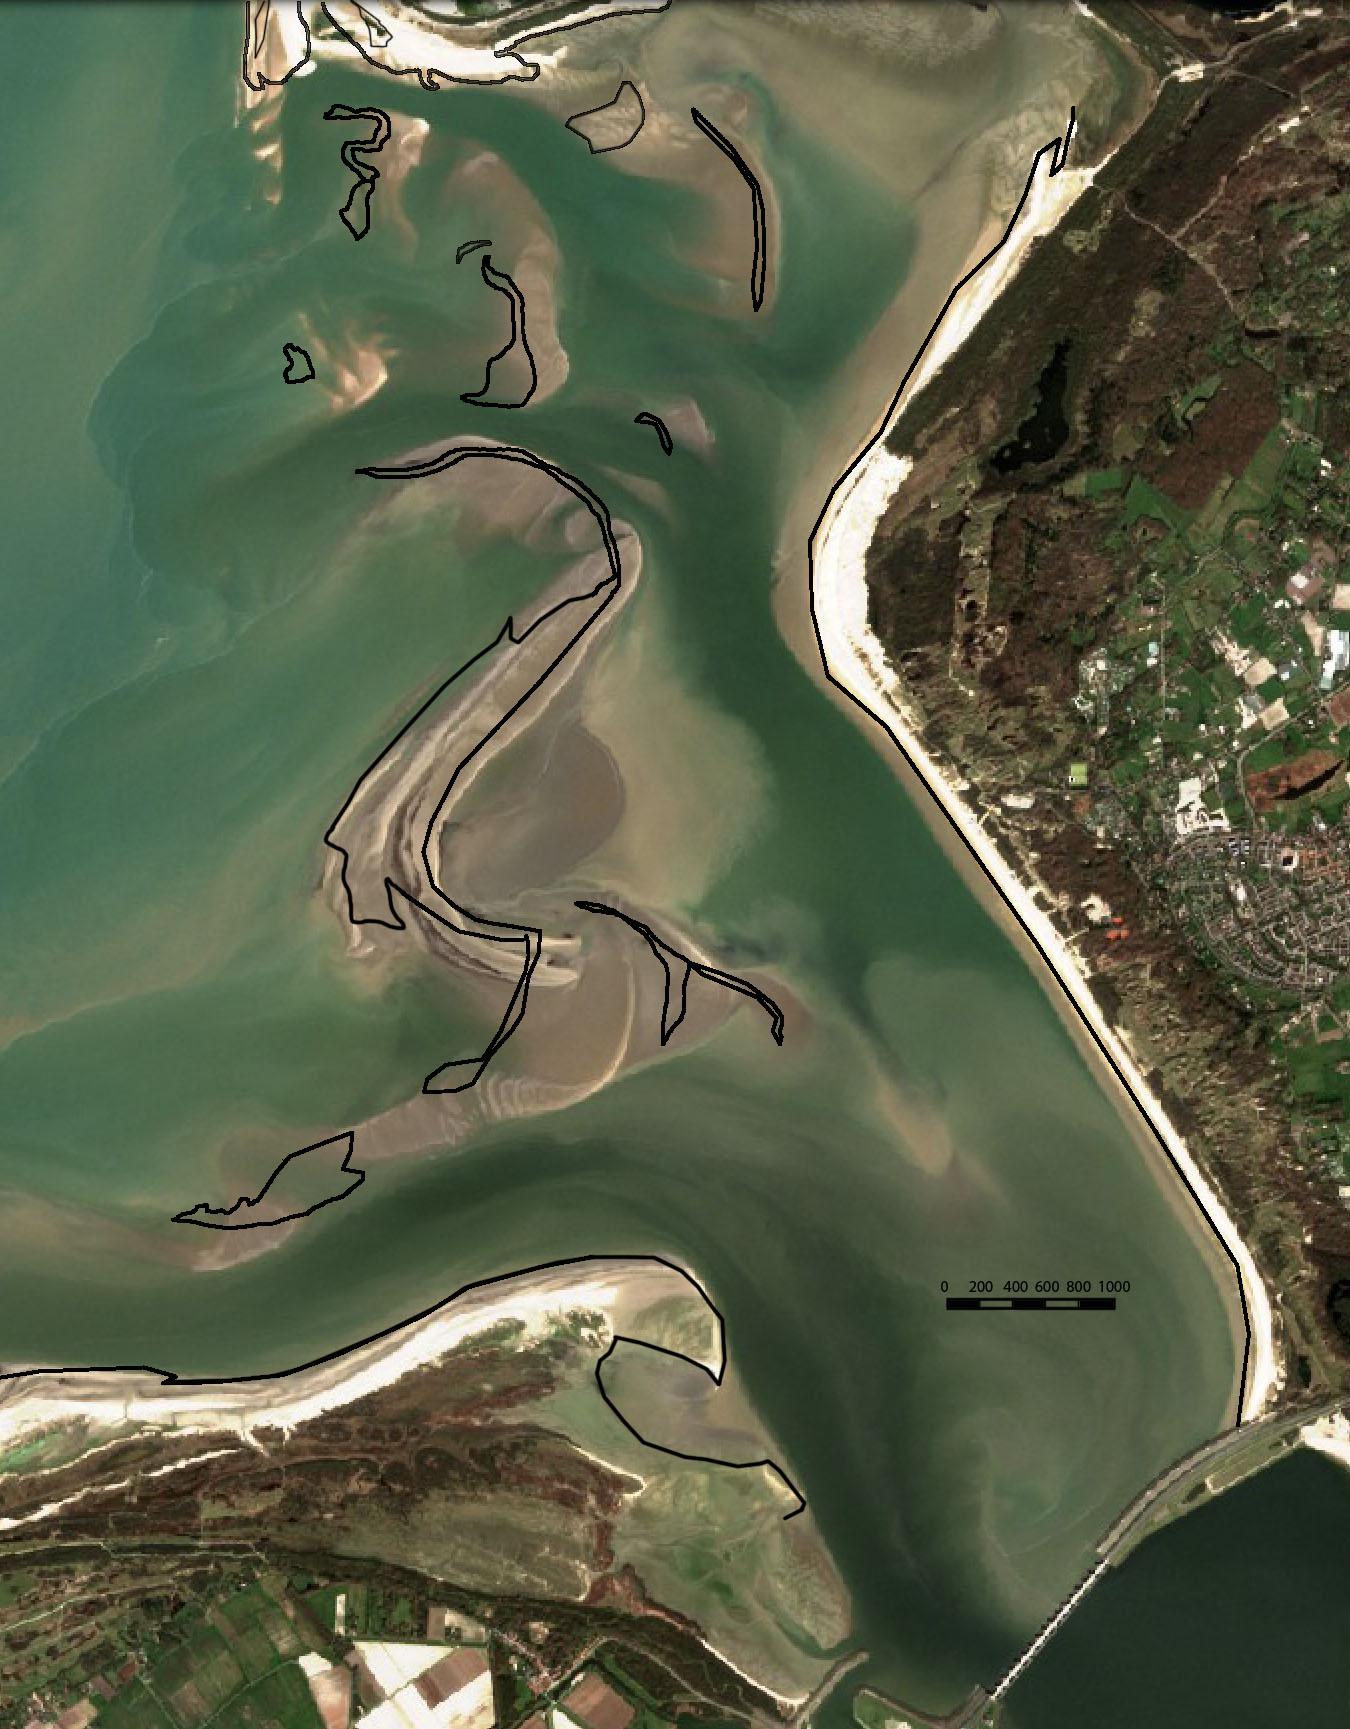 De verschuiving van de zandplaten is zichtbaar als de contouren van de waterlijn van 2016 (de zwarte lijnen) op de foto van 2020 worden gelegd.